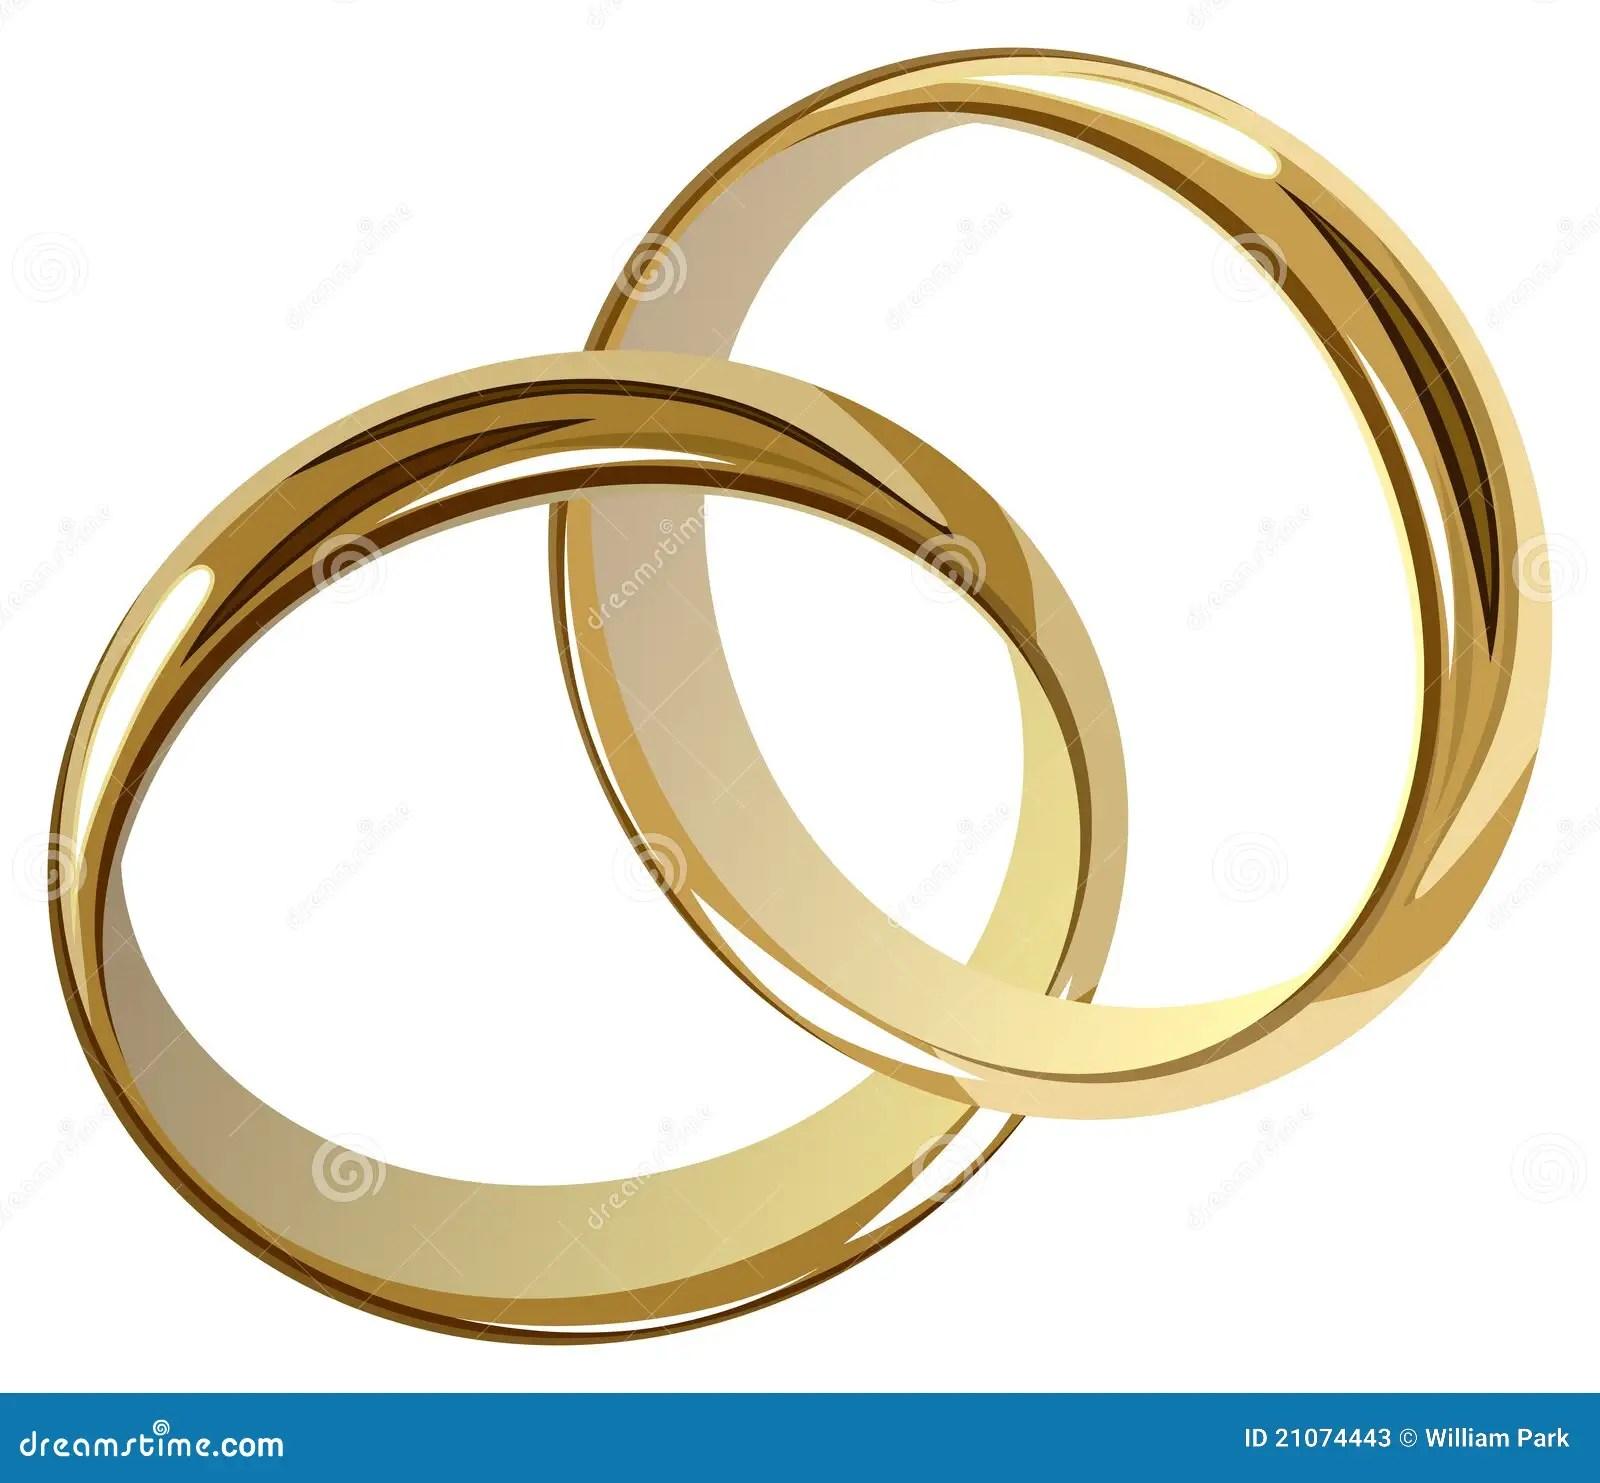 Goldene Hochzeit Symbole Brautzilla On Tour Die Hochzeitskarten